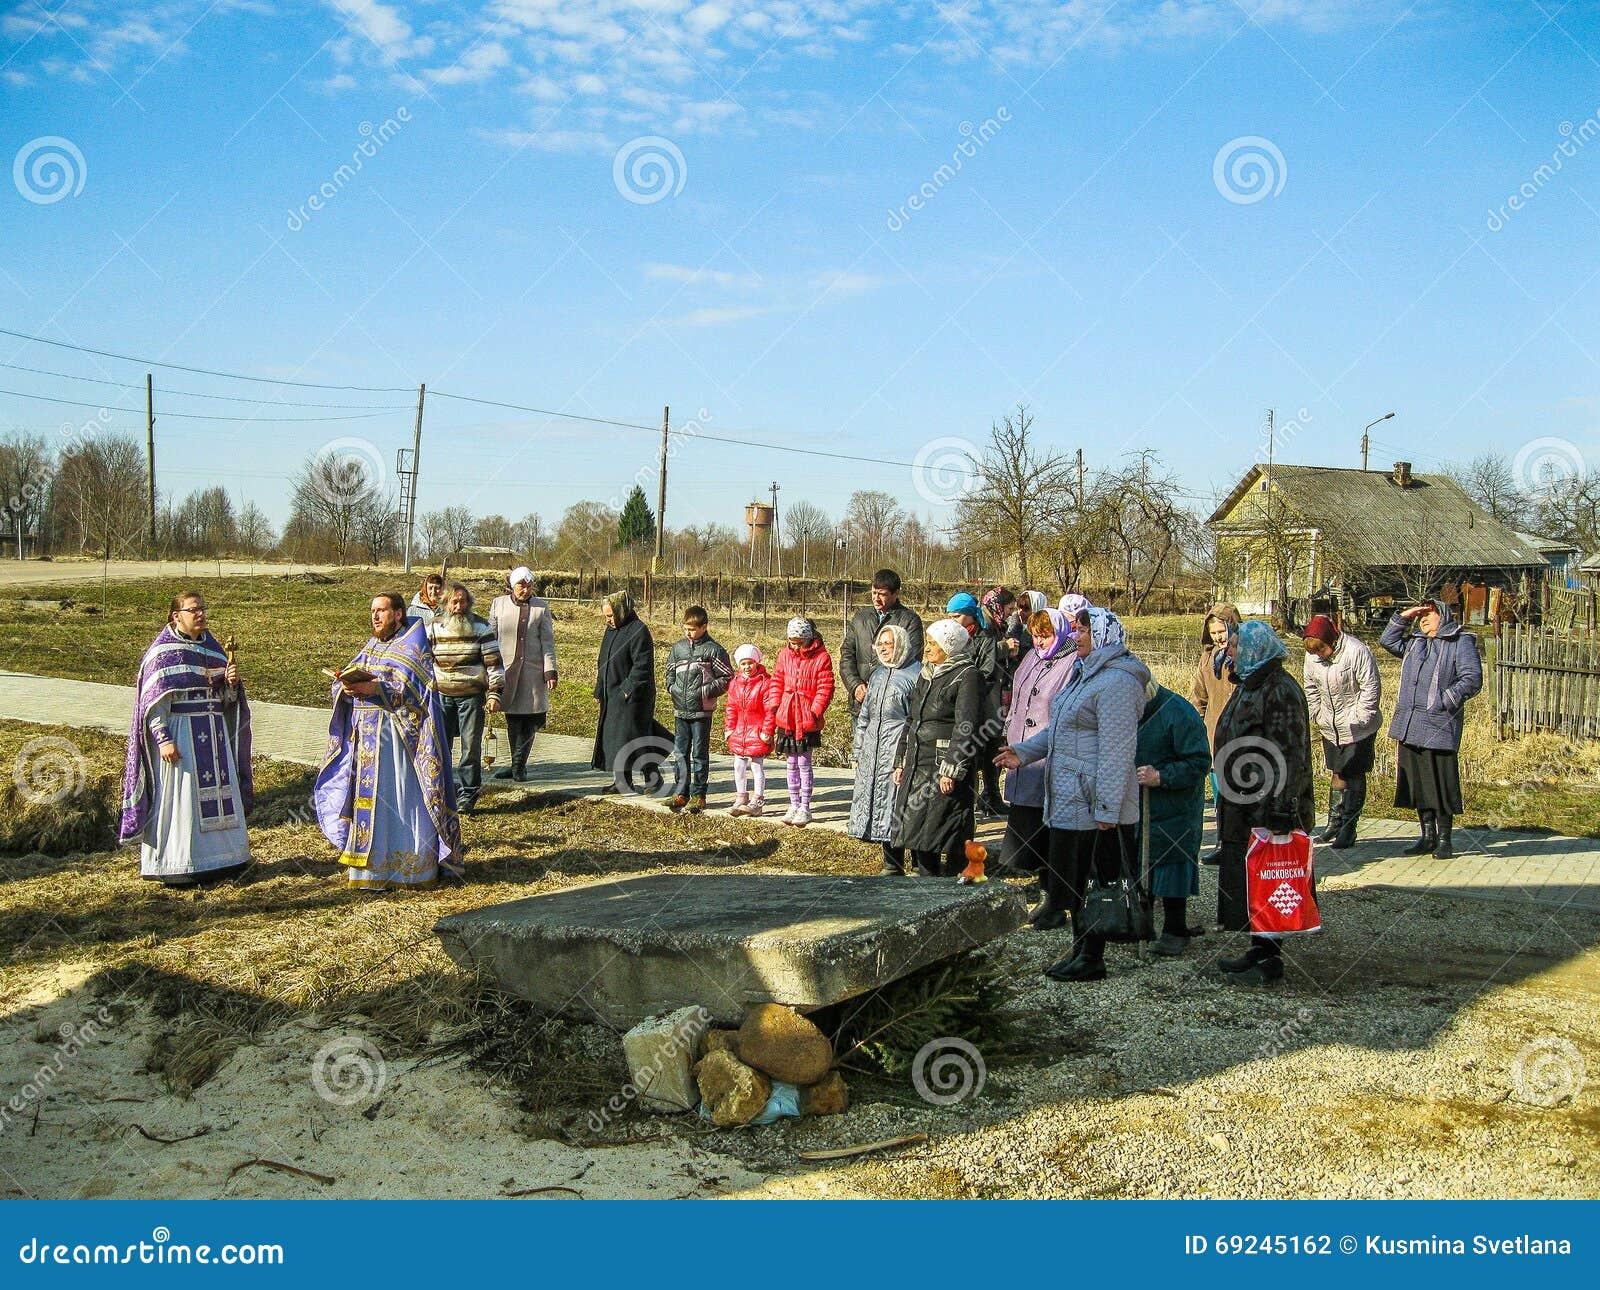 Orthodox divine service near the temple in the Kaluga region in Russia (2014).